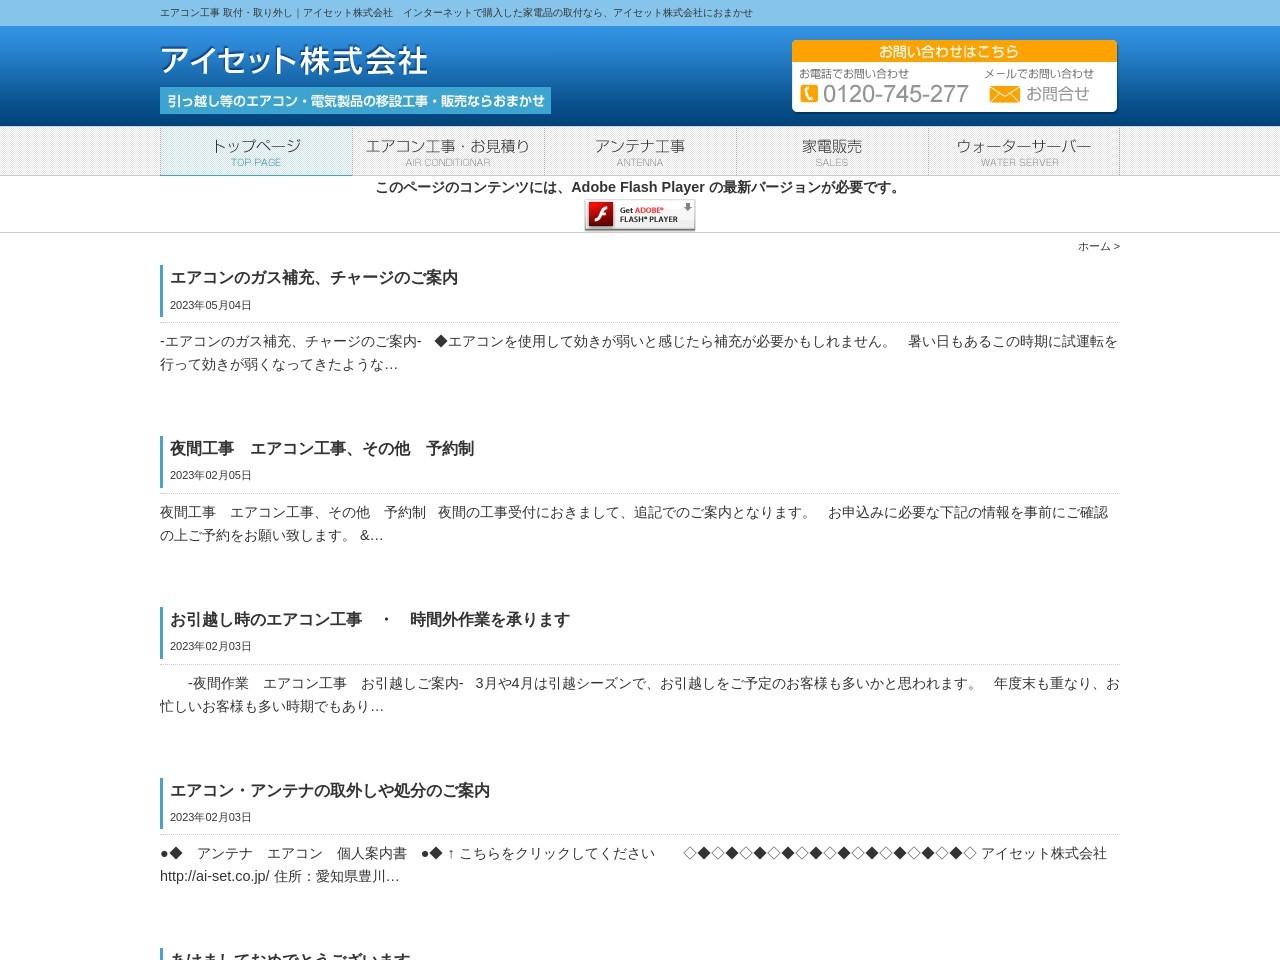 愛知県でエアコン工事のご用命は│アイセット株式会社